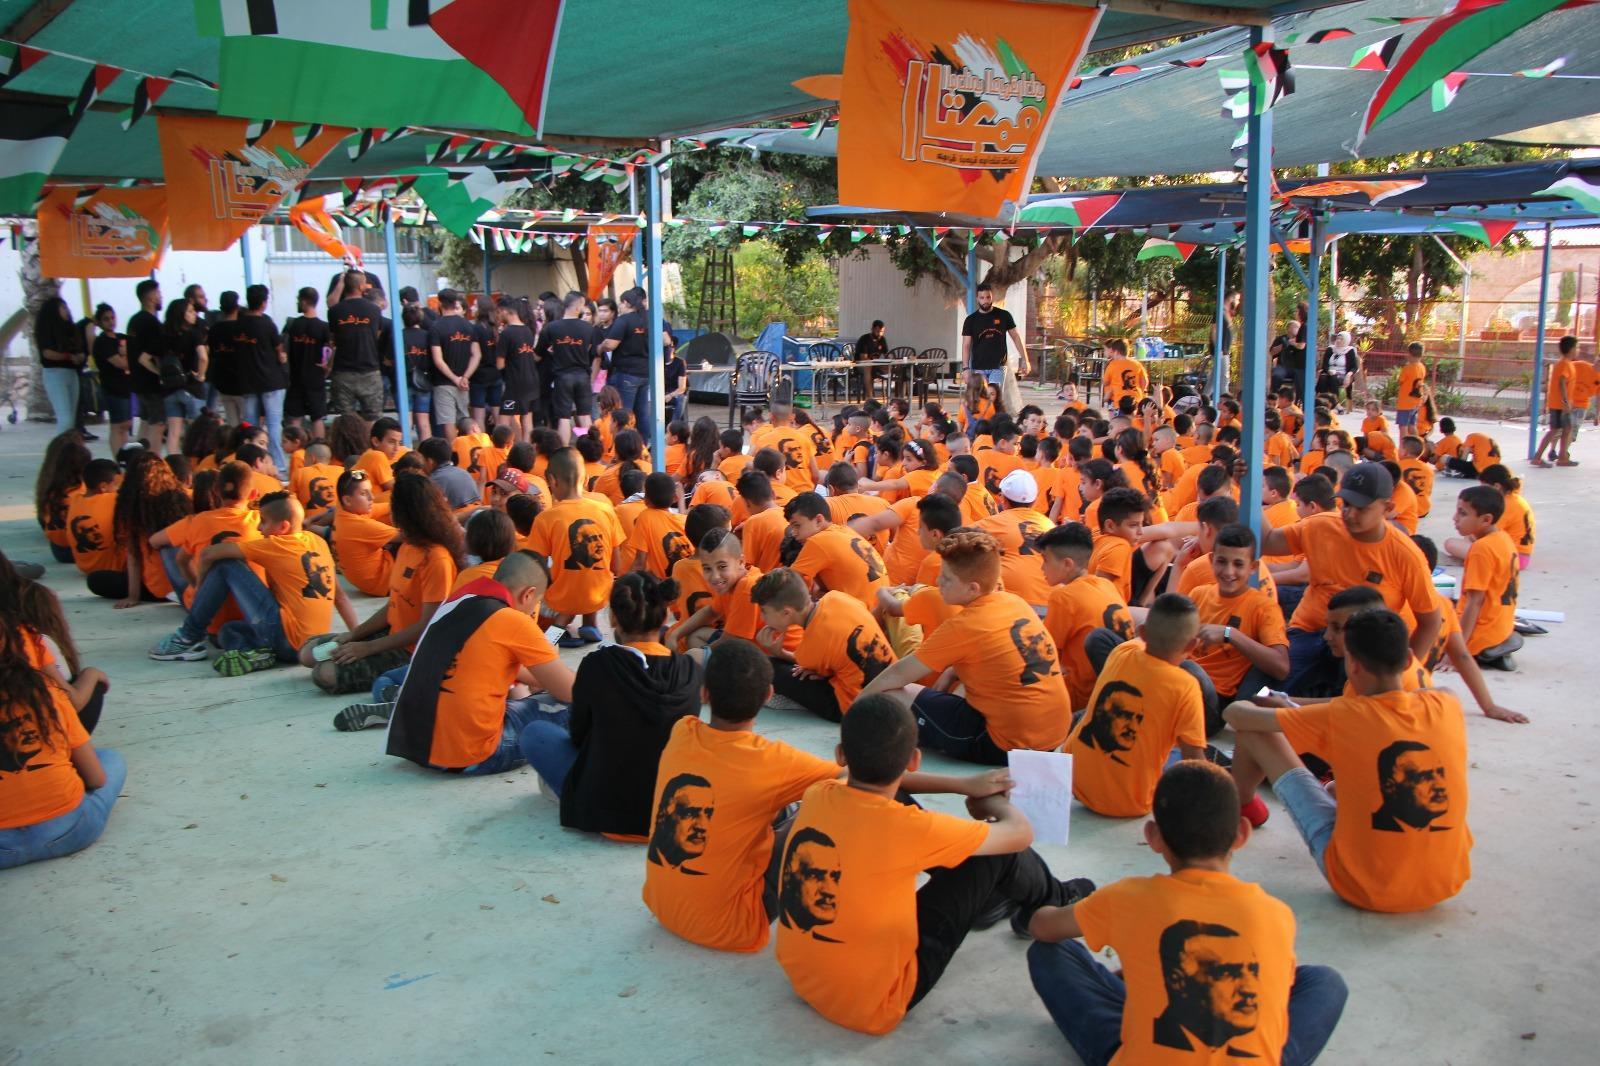 مخيم الهوية يُقام للعام الثامن عشر على التوالي